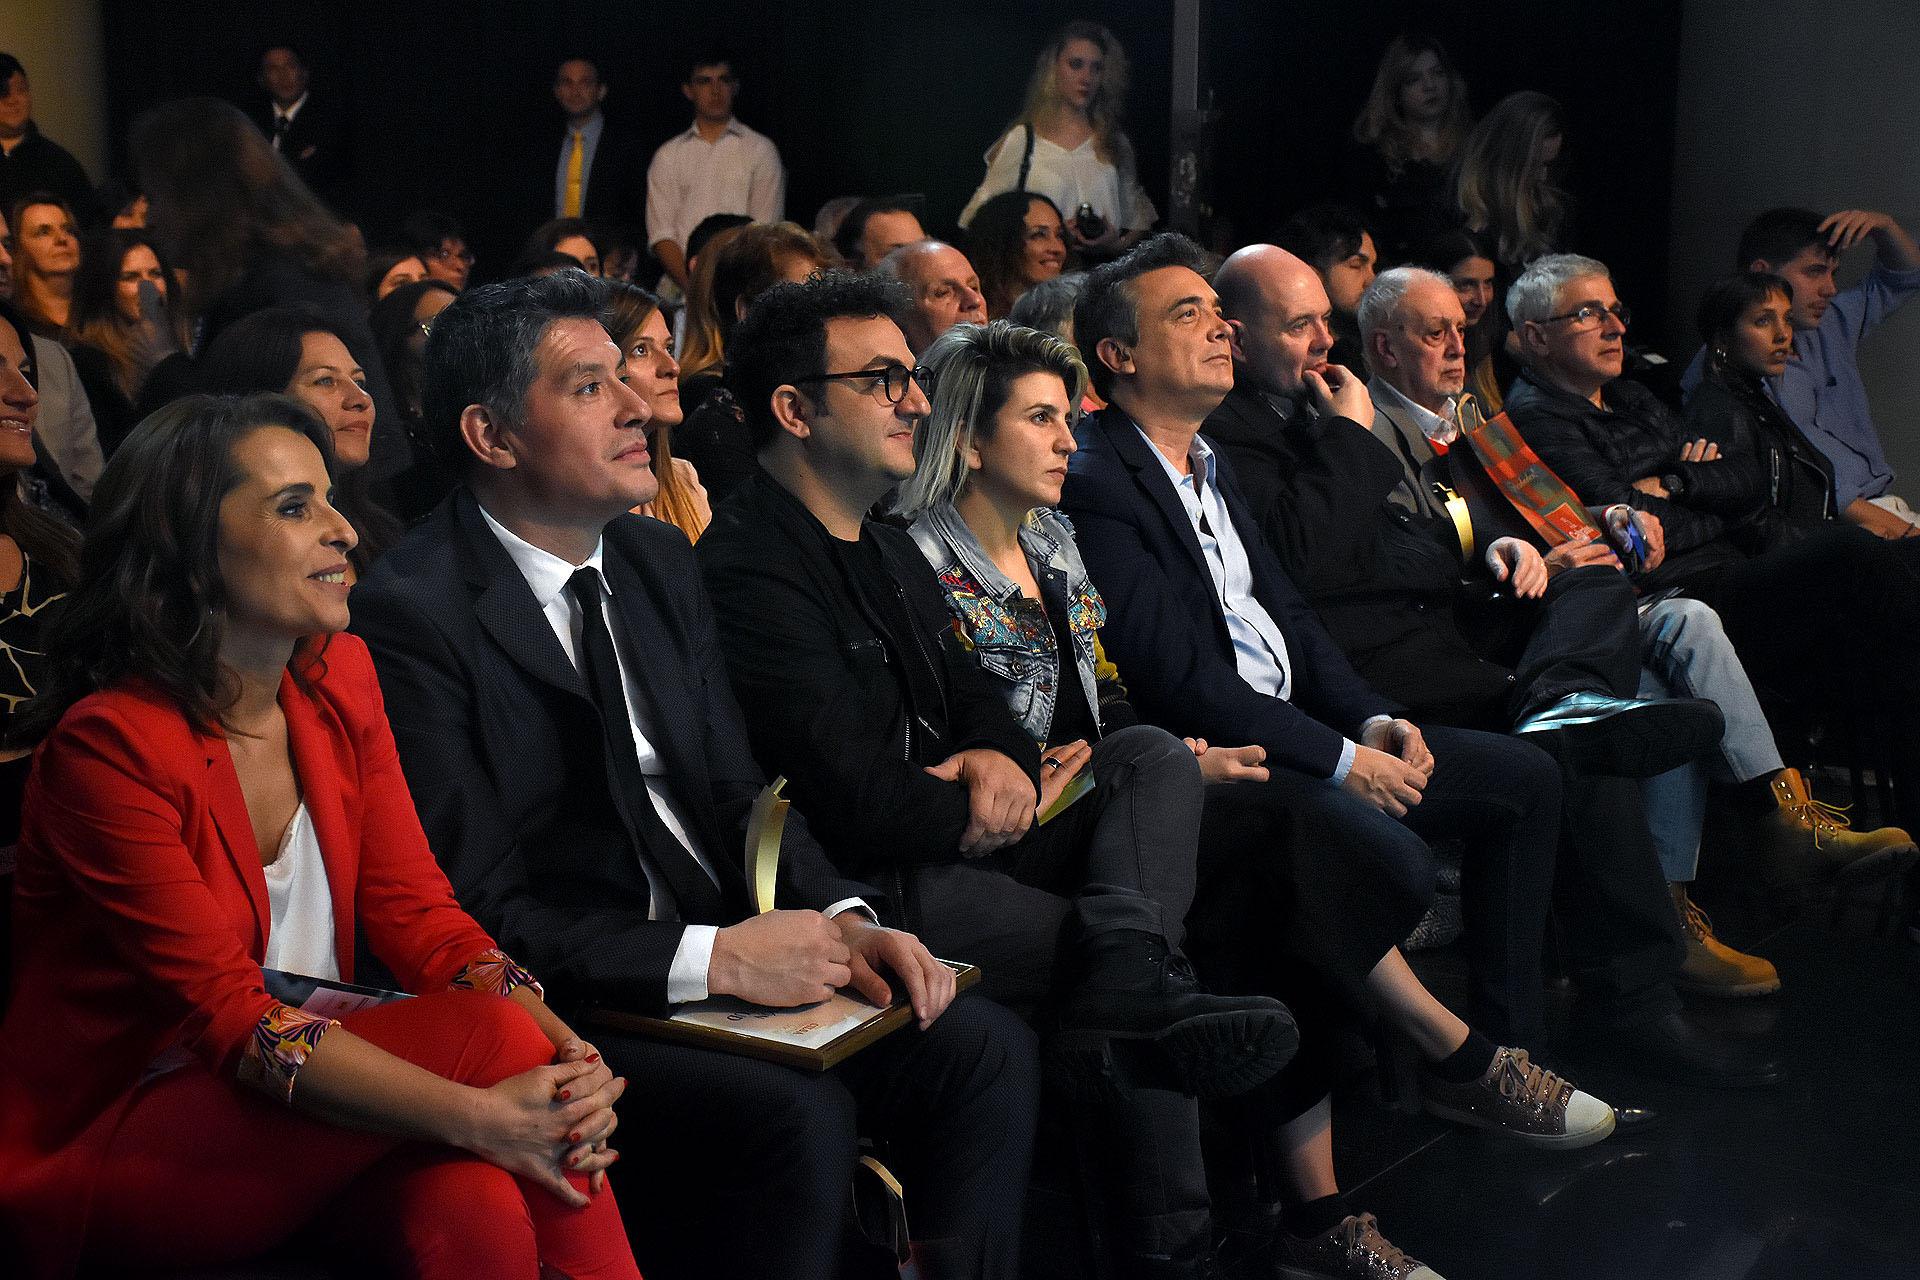 La primera fila durante la ceremonia de entrega de premios